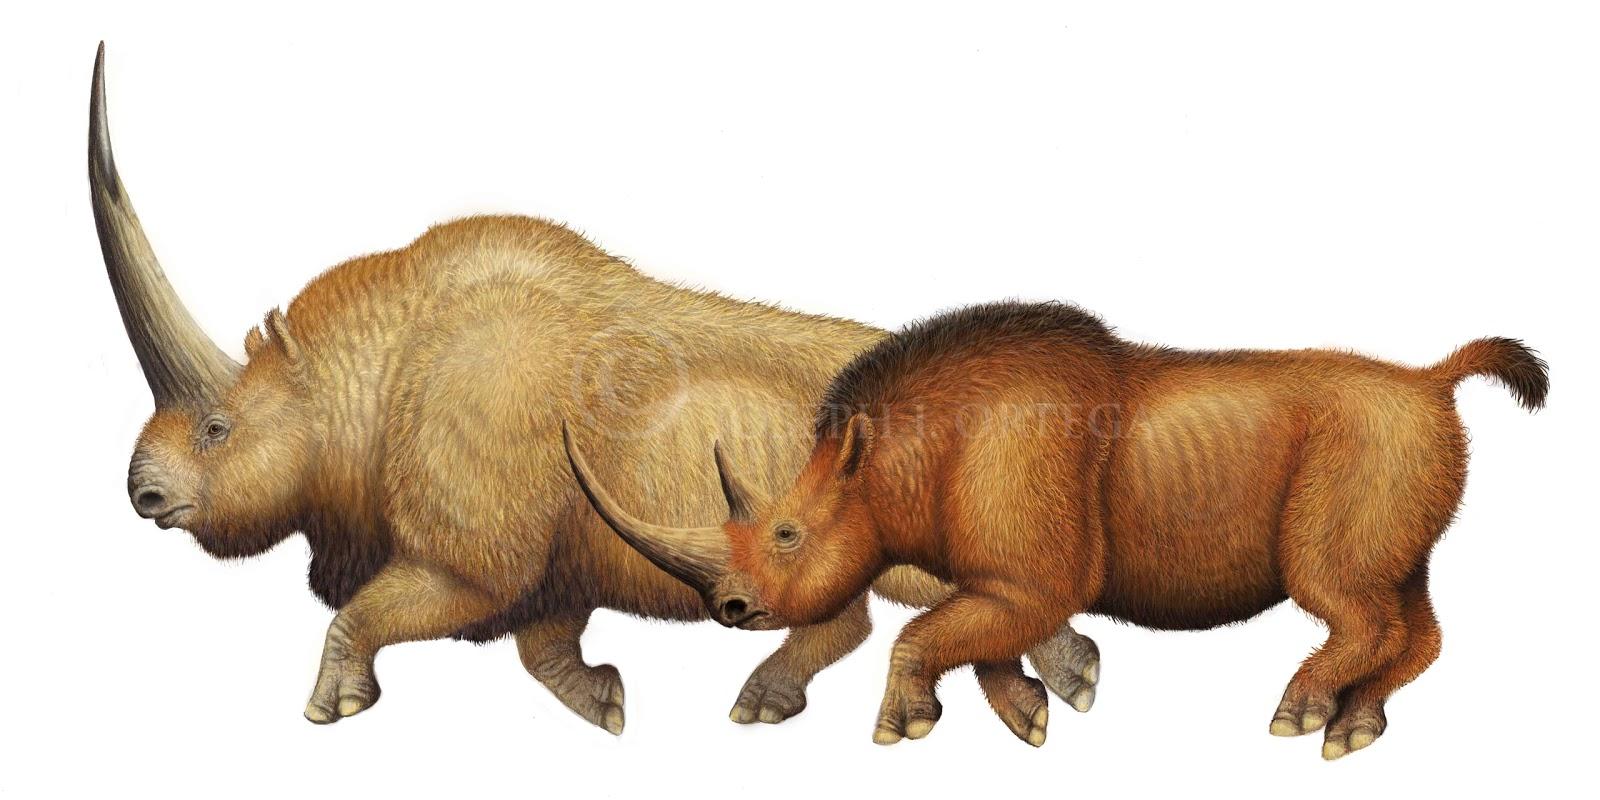 Elasmotherium sibiricum  Wikidata